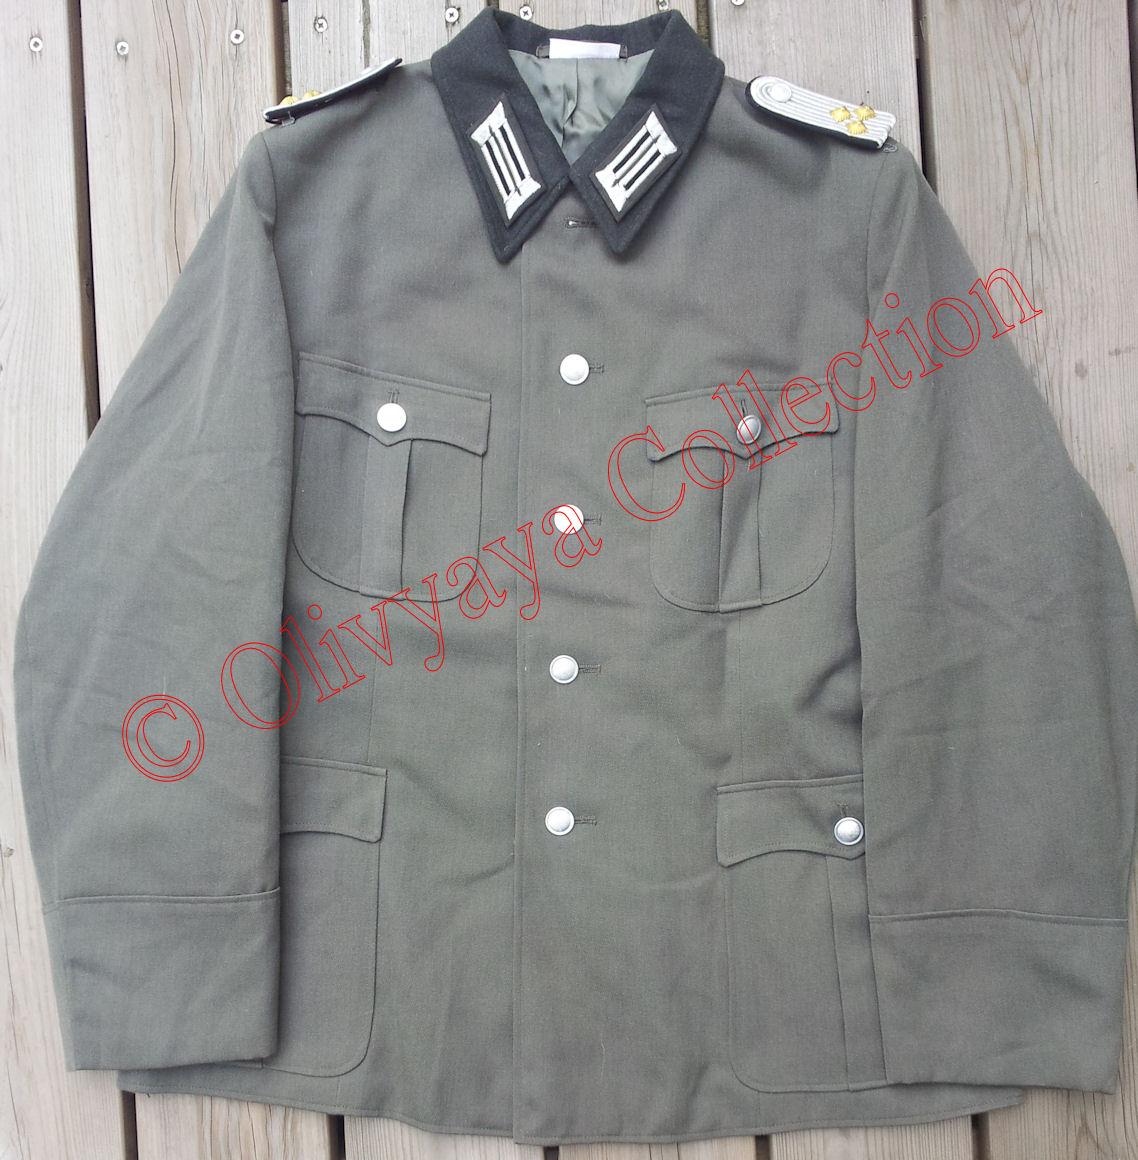 Veste service officier pionniers 1971 - Grande taille ! 80597720150818140433